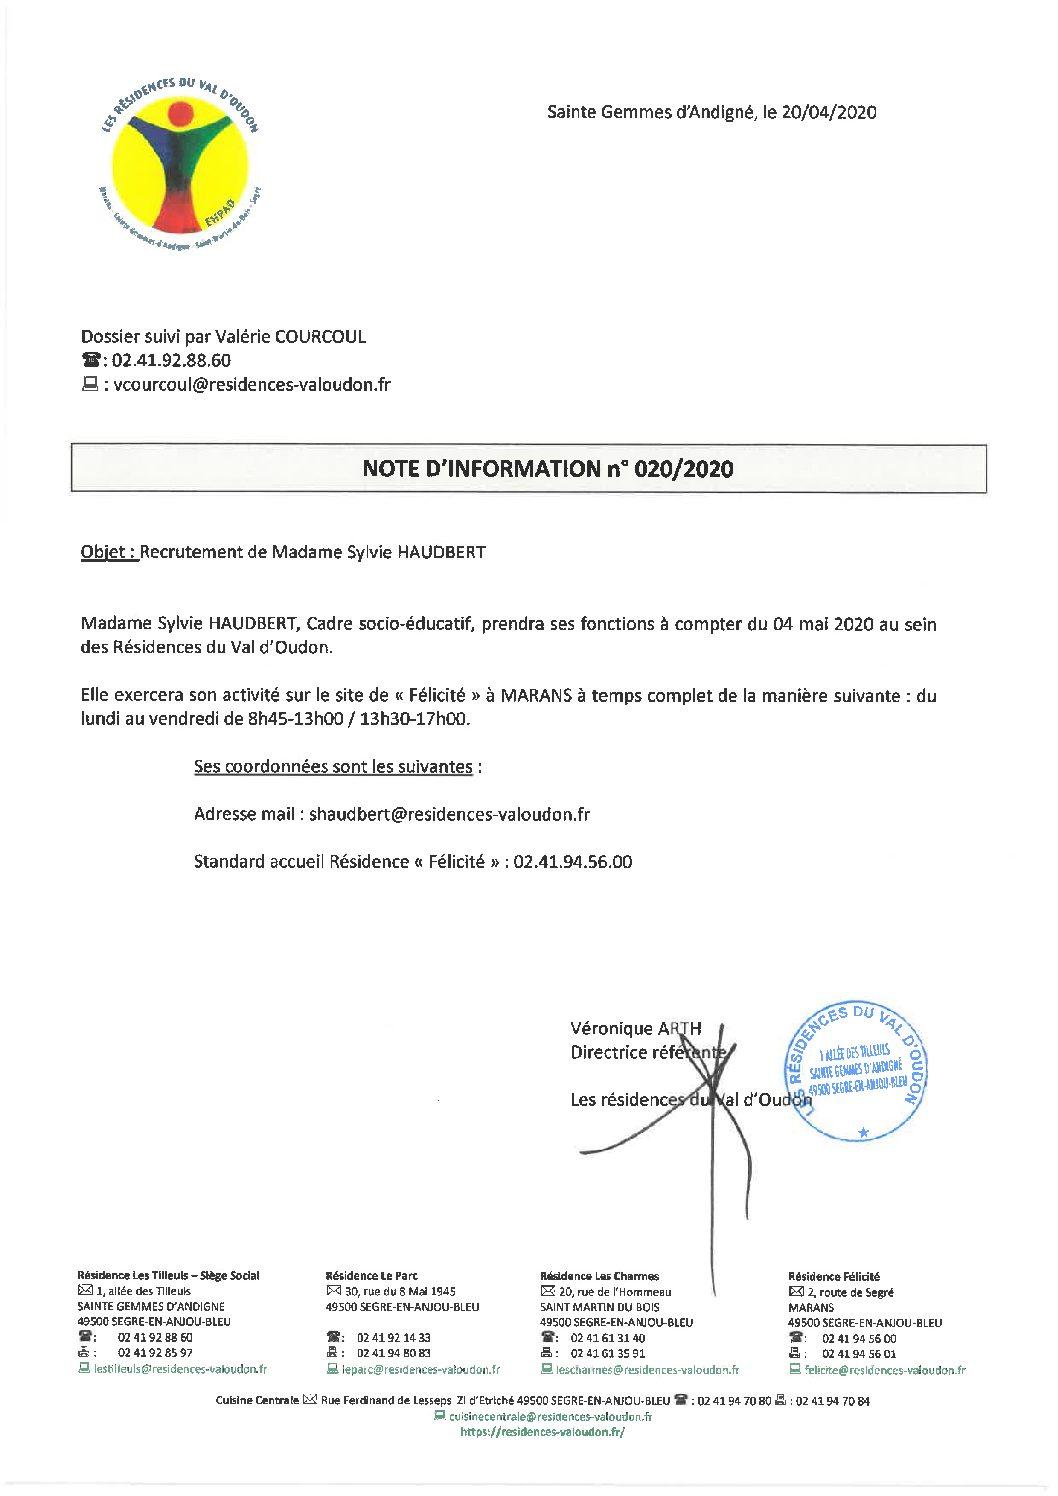 Arrivée de Madame Sylvie HAUDBERT, Cadre de Santé Résidence «Félicité» à MARANS